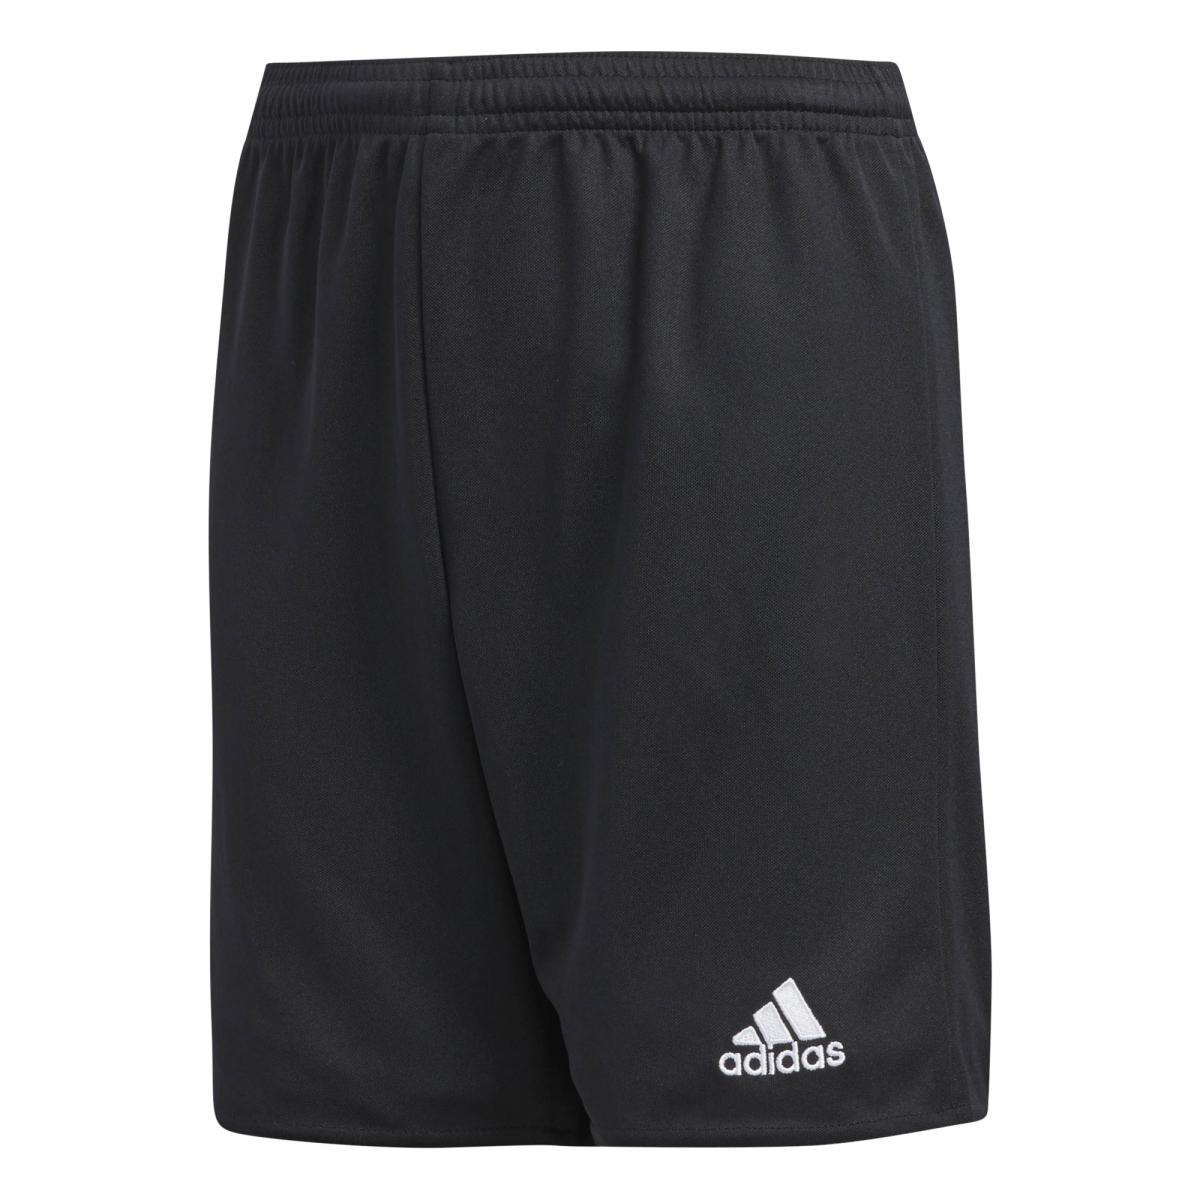 Adidas  PARMA 16 SHO Y, shorts